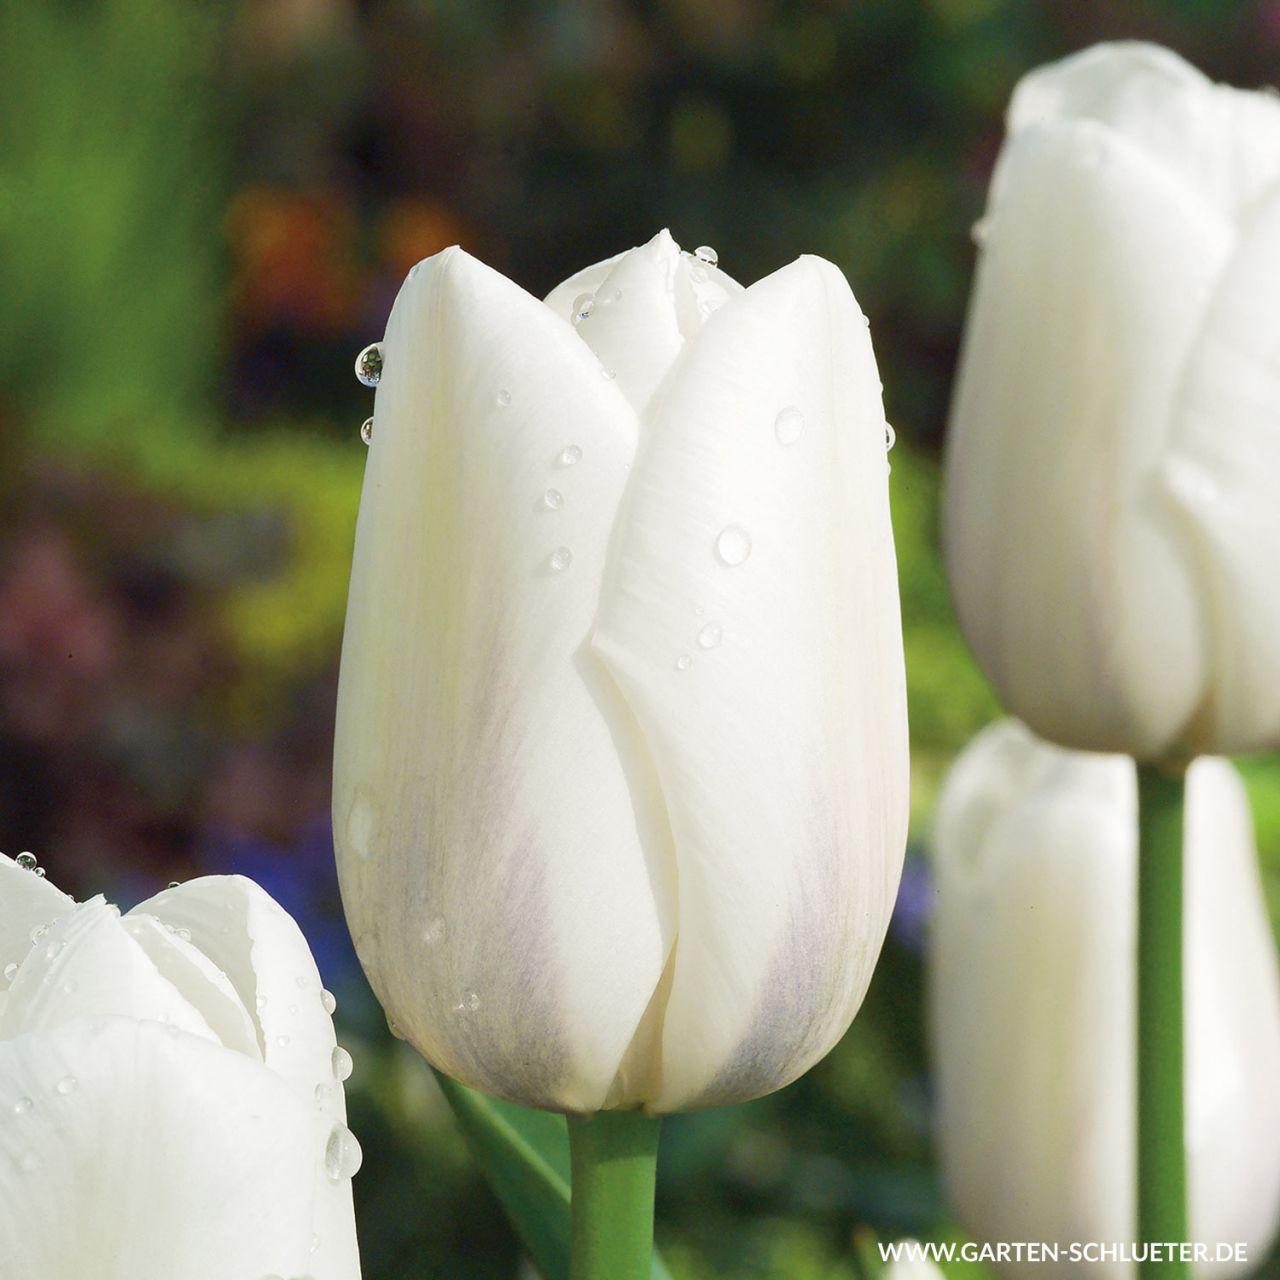 Garten-Schlueter.de: Einfache späte Tulpe Clearwater - 10 Stück